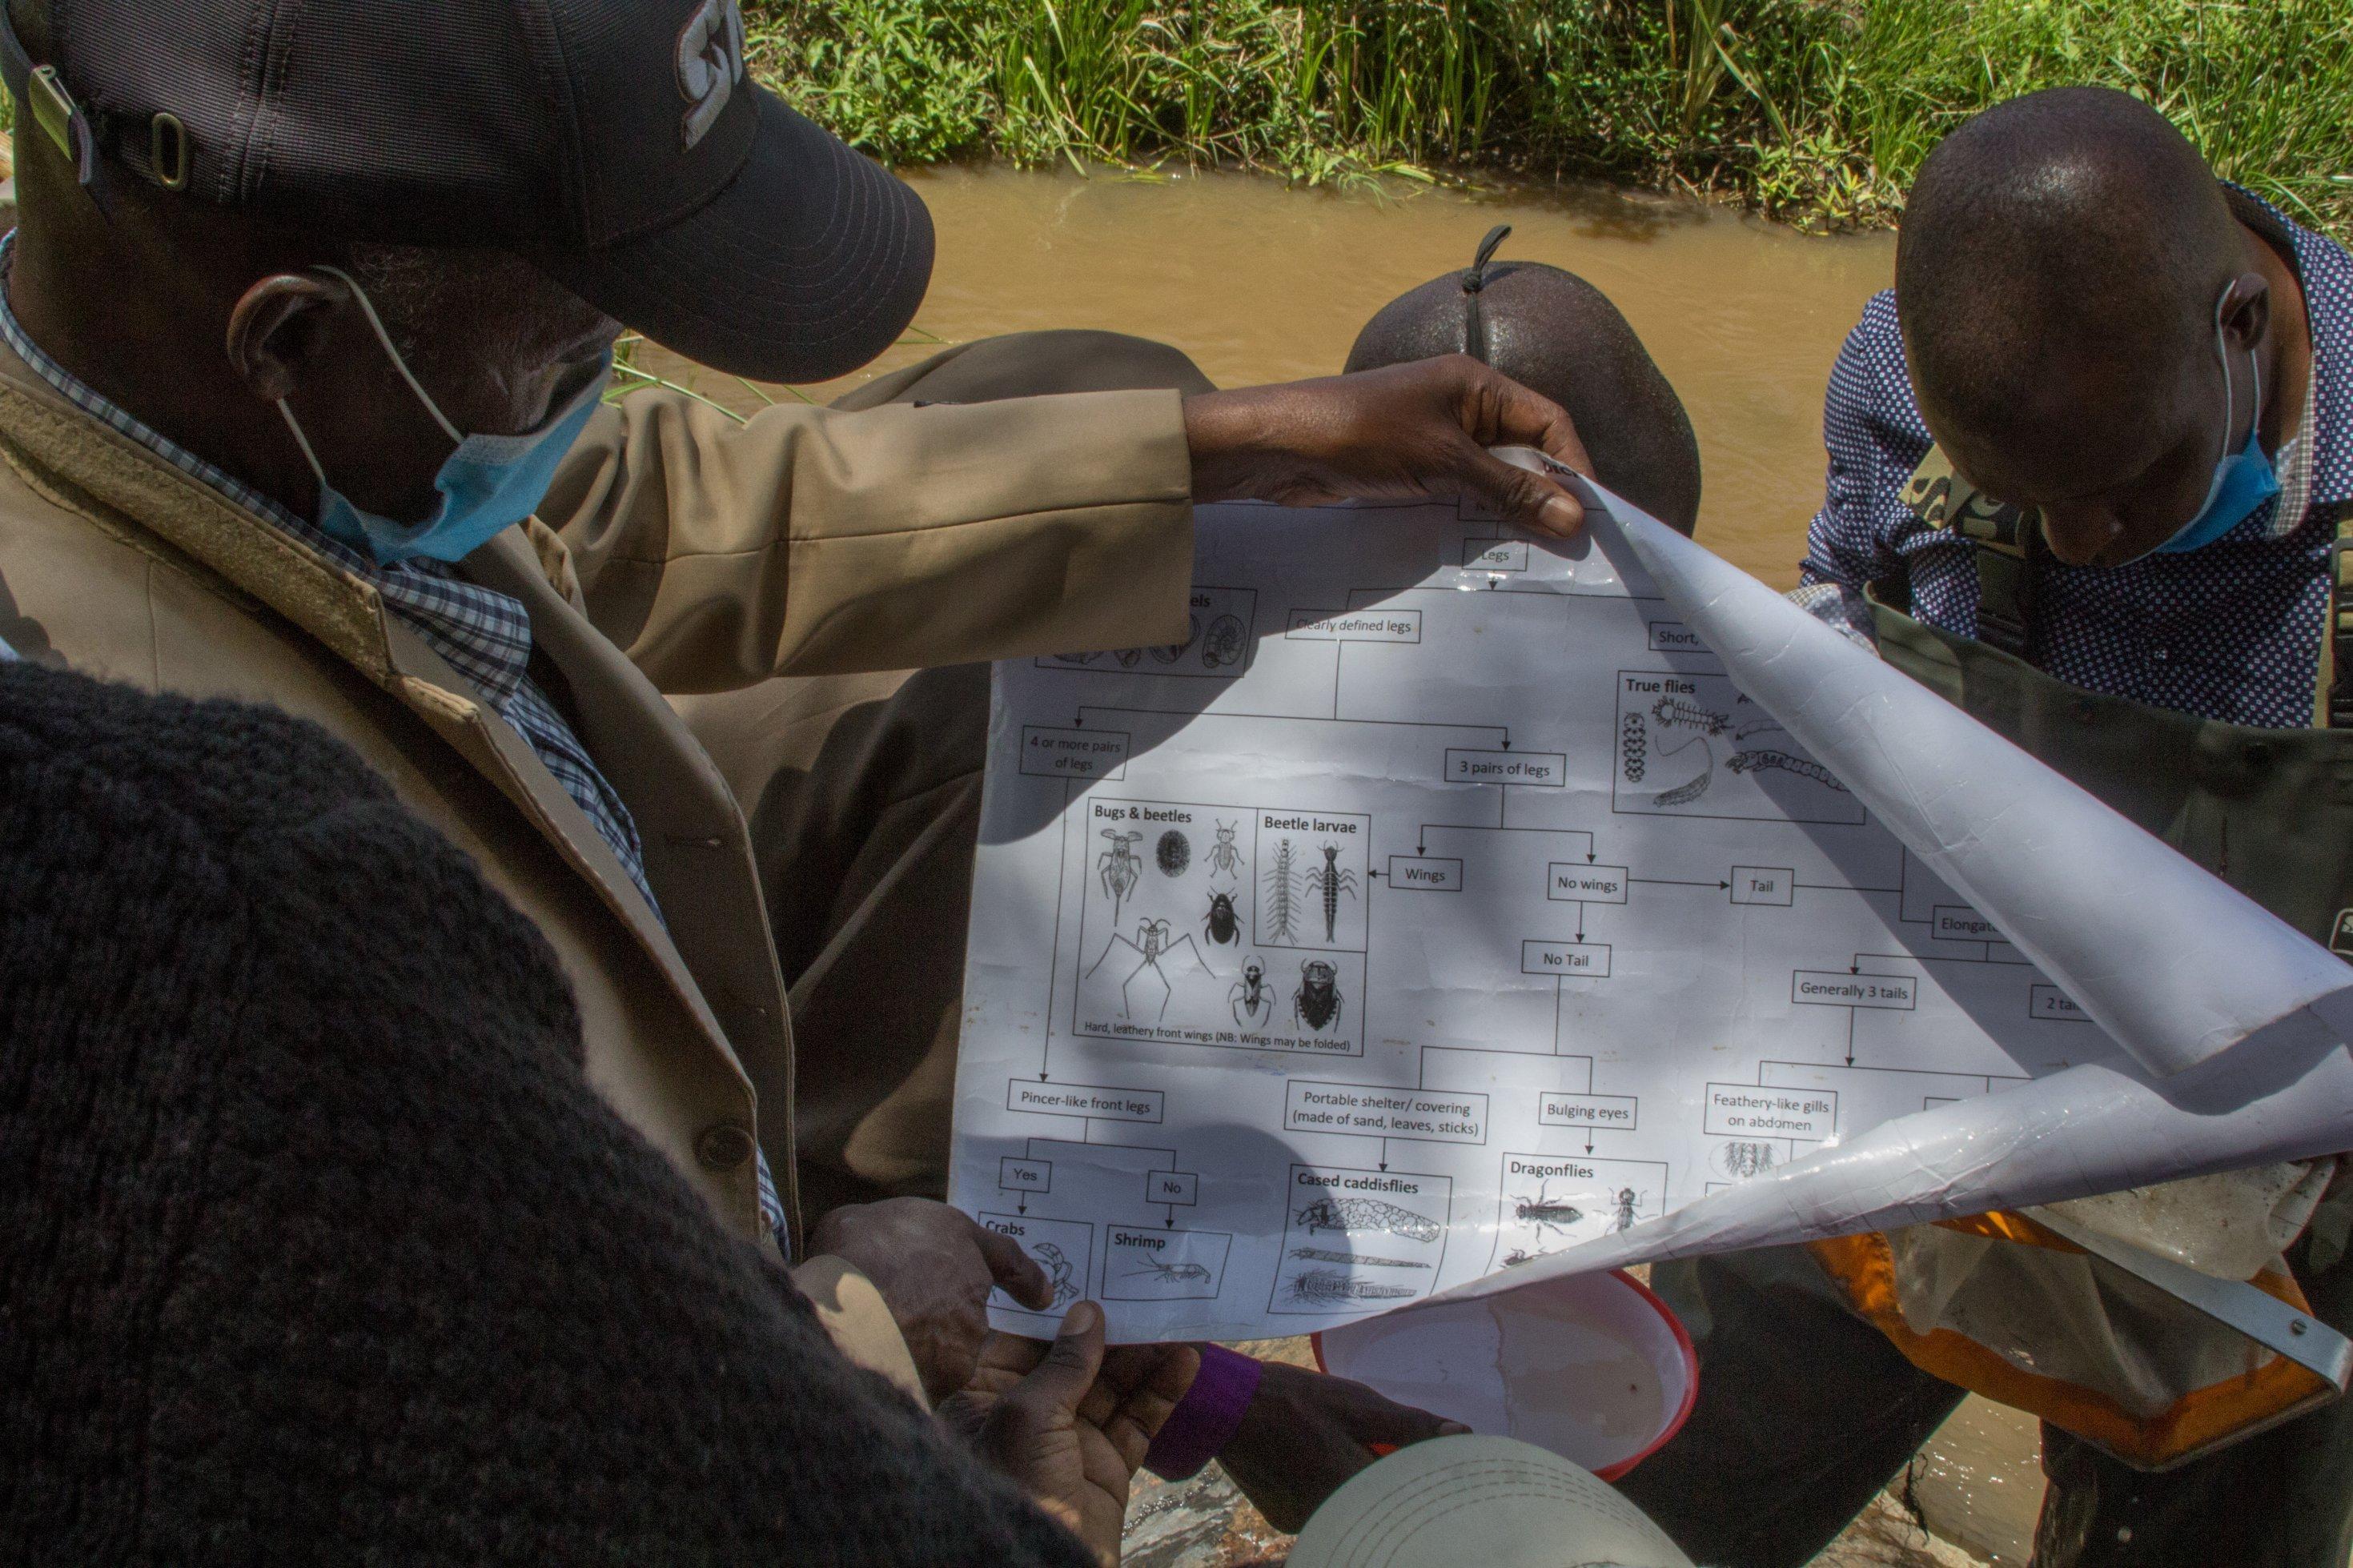 Ein Mann, der halb von hinten zu sehen ist, rollt ein Poster auseinander, darauf sind schematische Zeichnungen zur Bestimmung der Lebewesen im Fluss.